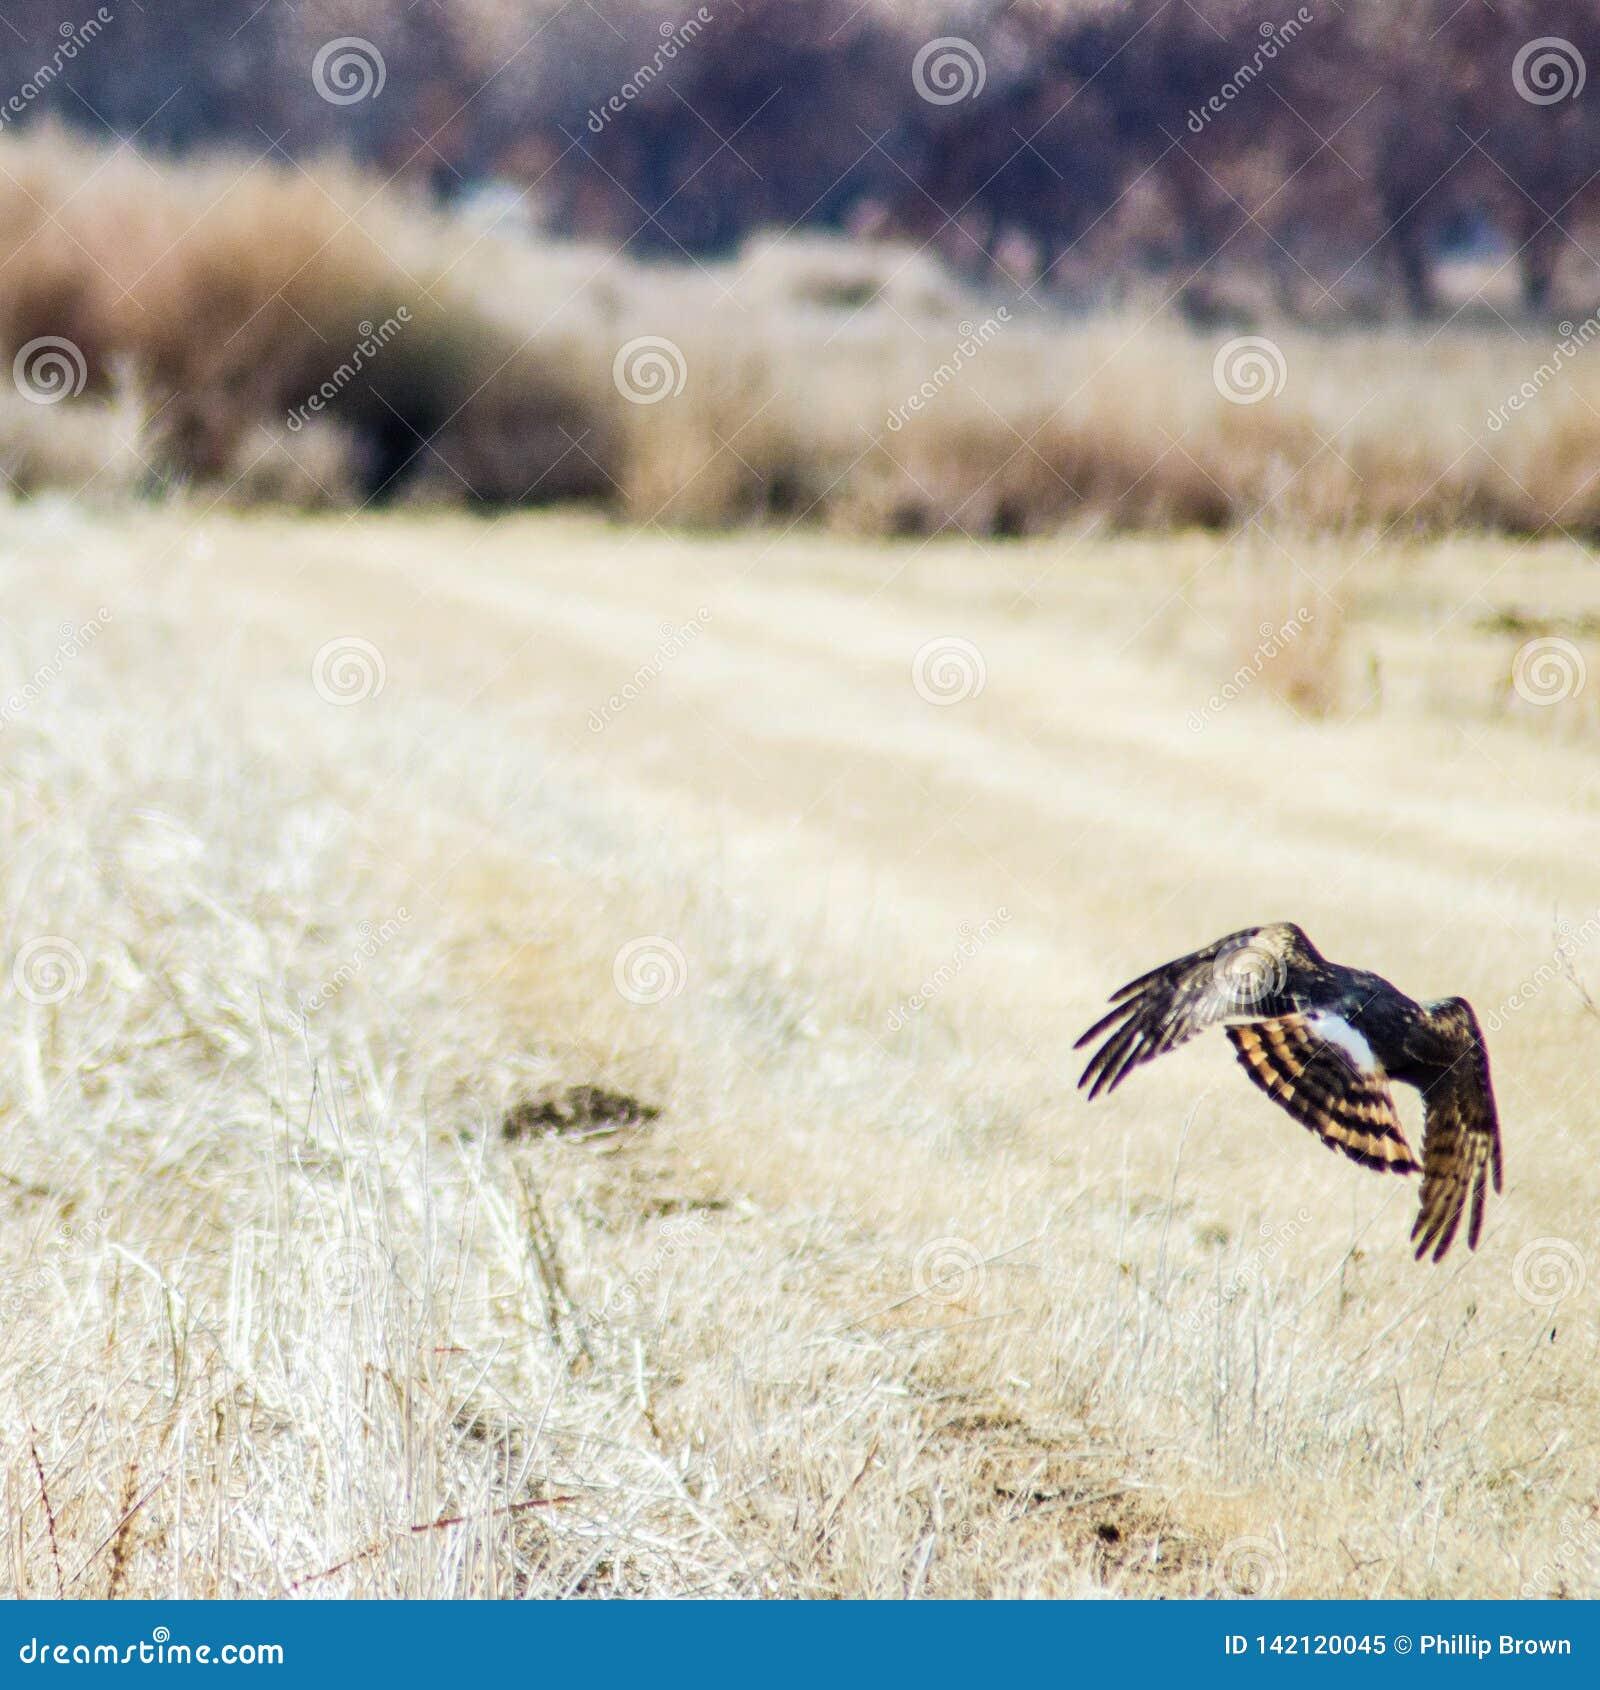 Κυνήγι γερακιών Bosque del Apache στο καταφύγιο άγριας πανίδας